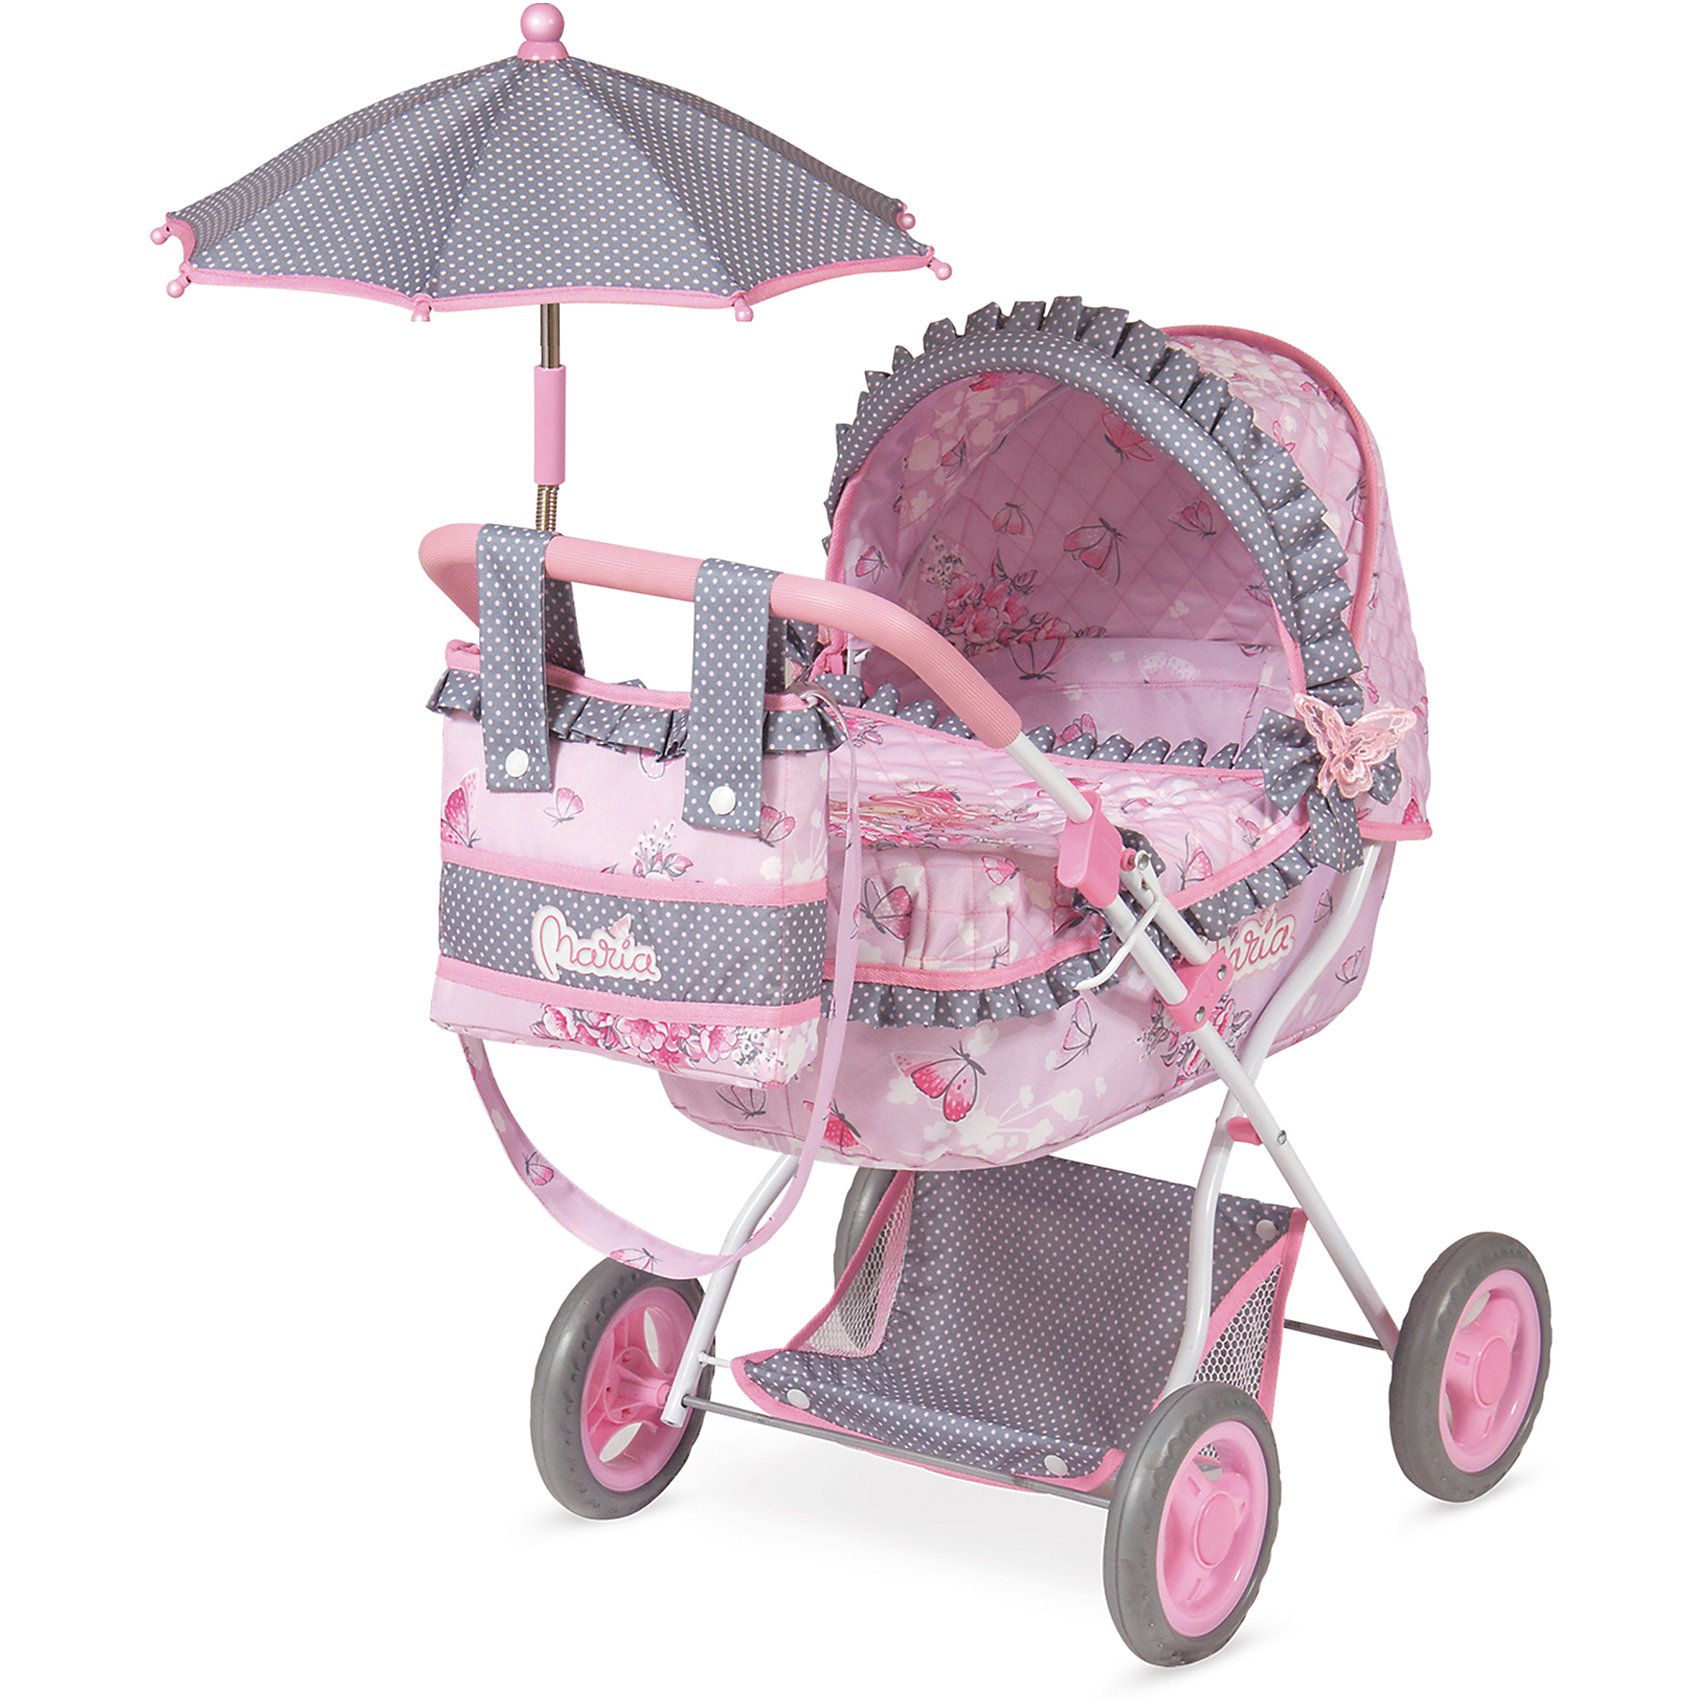 Коляска для куклы с сумкой и зонтиком DeCuevas Мария, 65 смКоляски и транспорт для кукол<br>Коляска для кукол классическая люлька-качалка. Нежно-розового цвета с бантиками и рюшками, сумочкой на ручку, зонтиком и подушкой. У коляски прорезиненные колеса, металлический каркас, удобная сетка внизу для вещей<br><br>Ширина мм: 380<br>Глубина мм: 600<br>Высота мм: 650<br>Вес г: 2863<br>Возраст от месяцев: 36<br>Возраст до месяцев: 2147483647<br>Пол: Женский<br>Возраст: Детский<br>SKU: 6876438